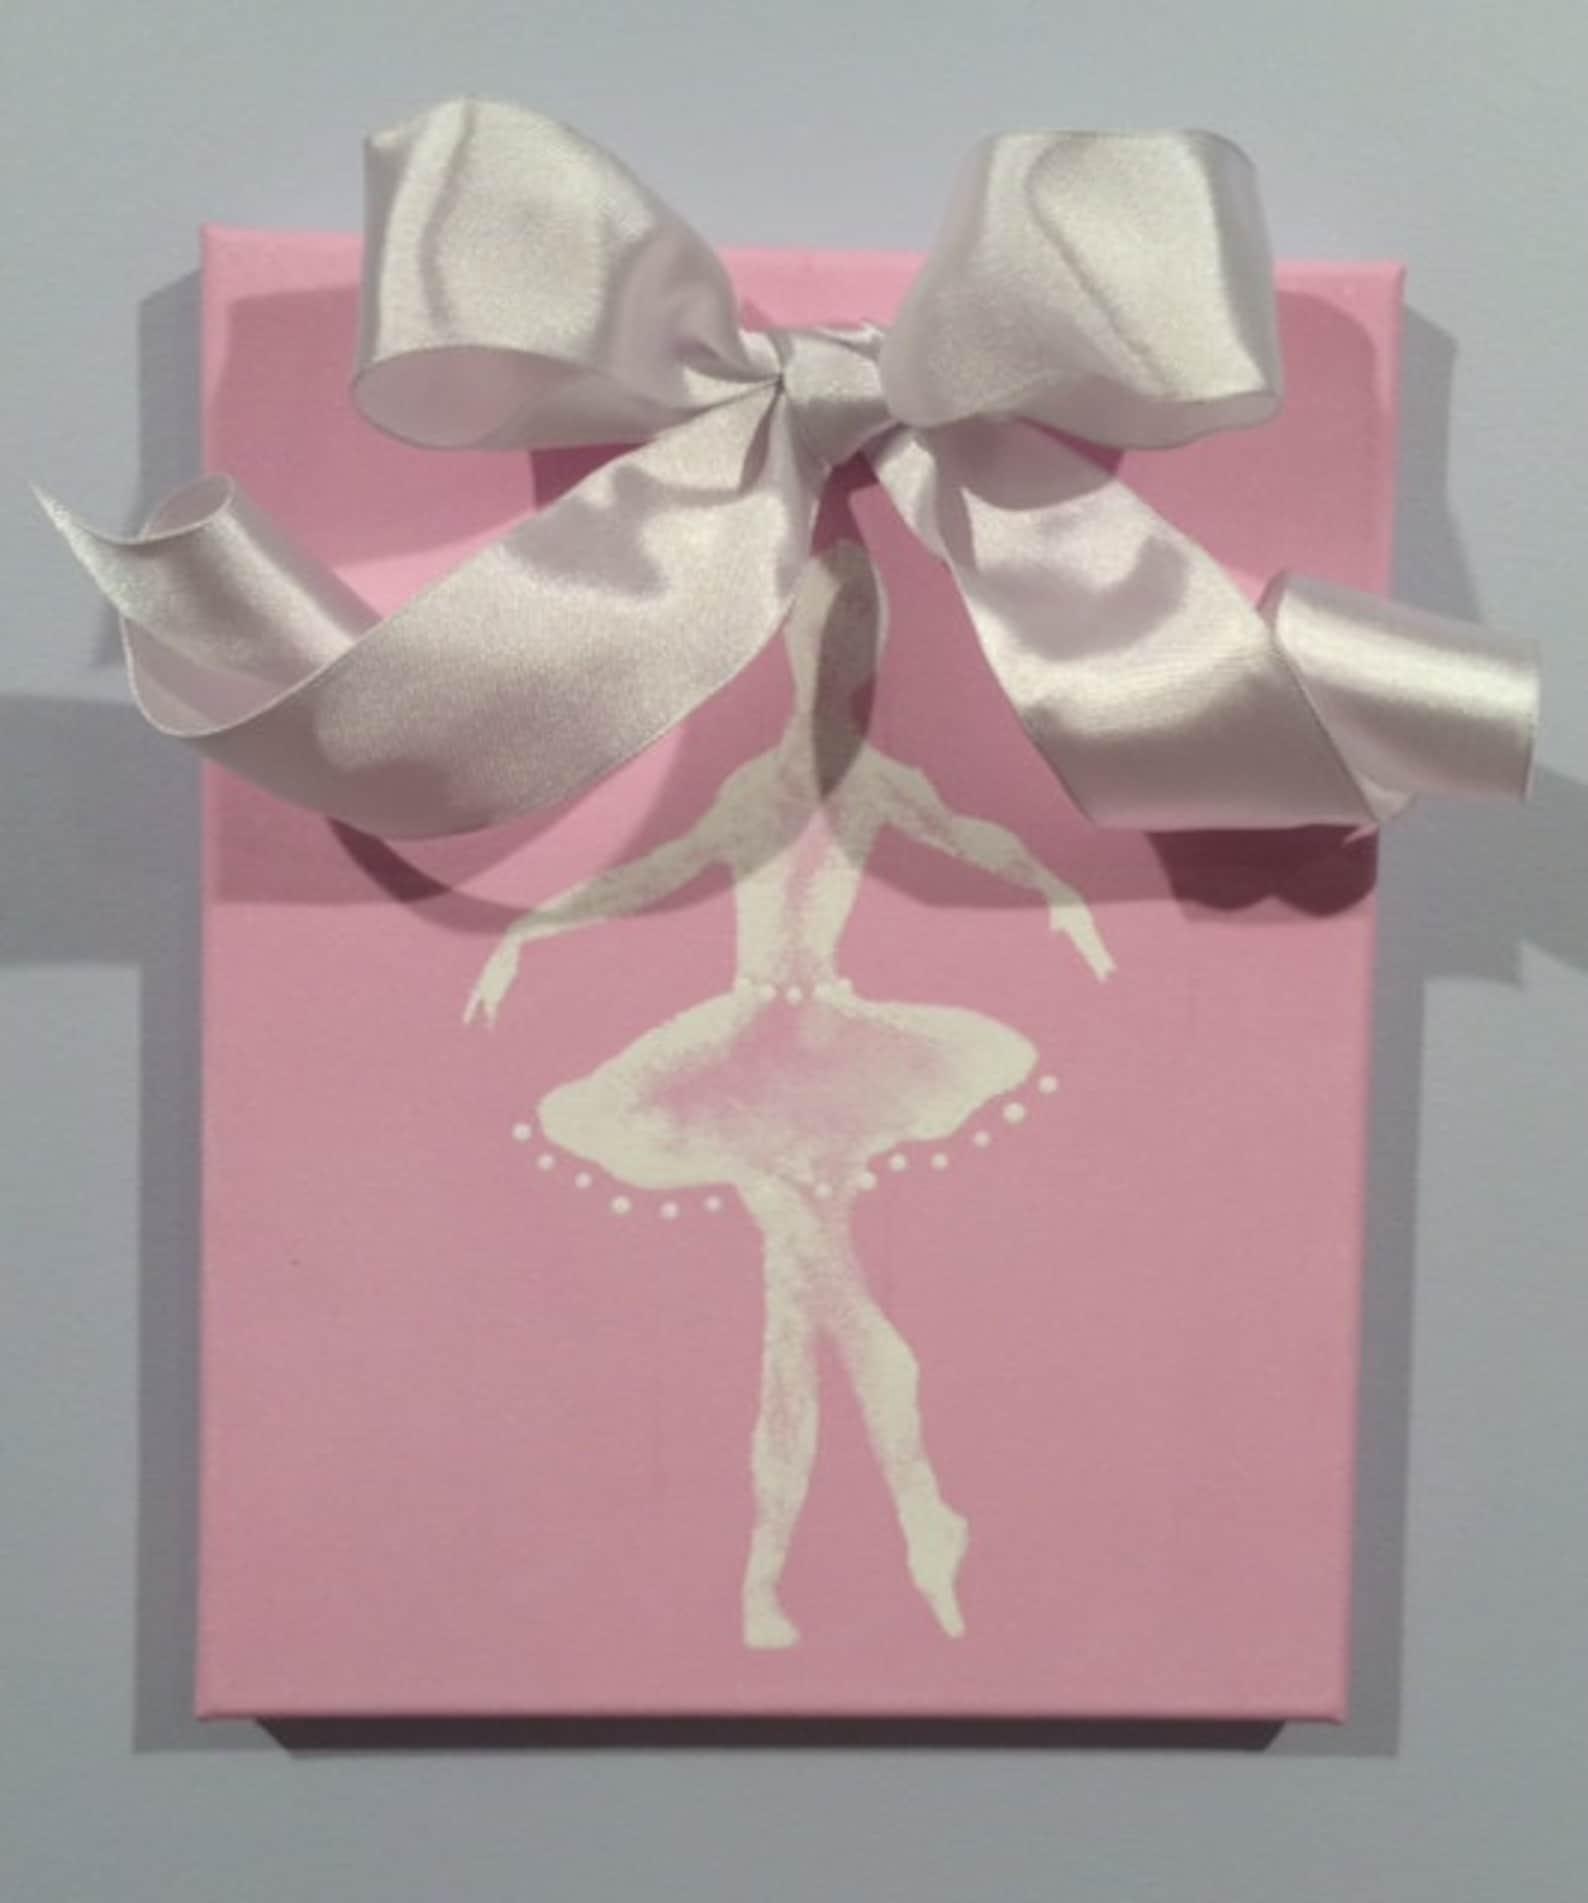 8x10 ballet art, dancer art, ballerina wall art, kids rooms, childrens wall art, dance art, ballet, girls rooms, pink girls room